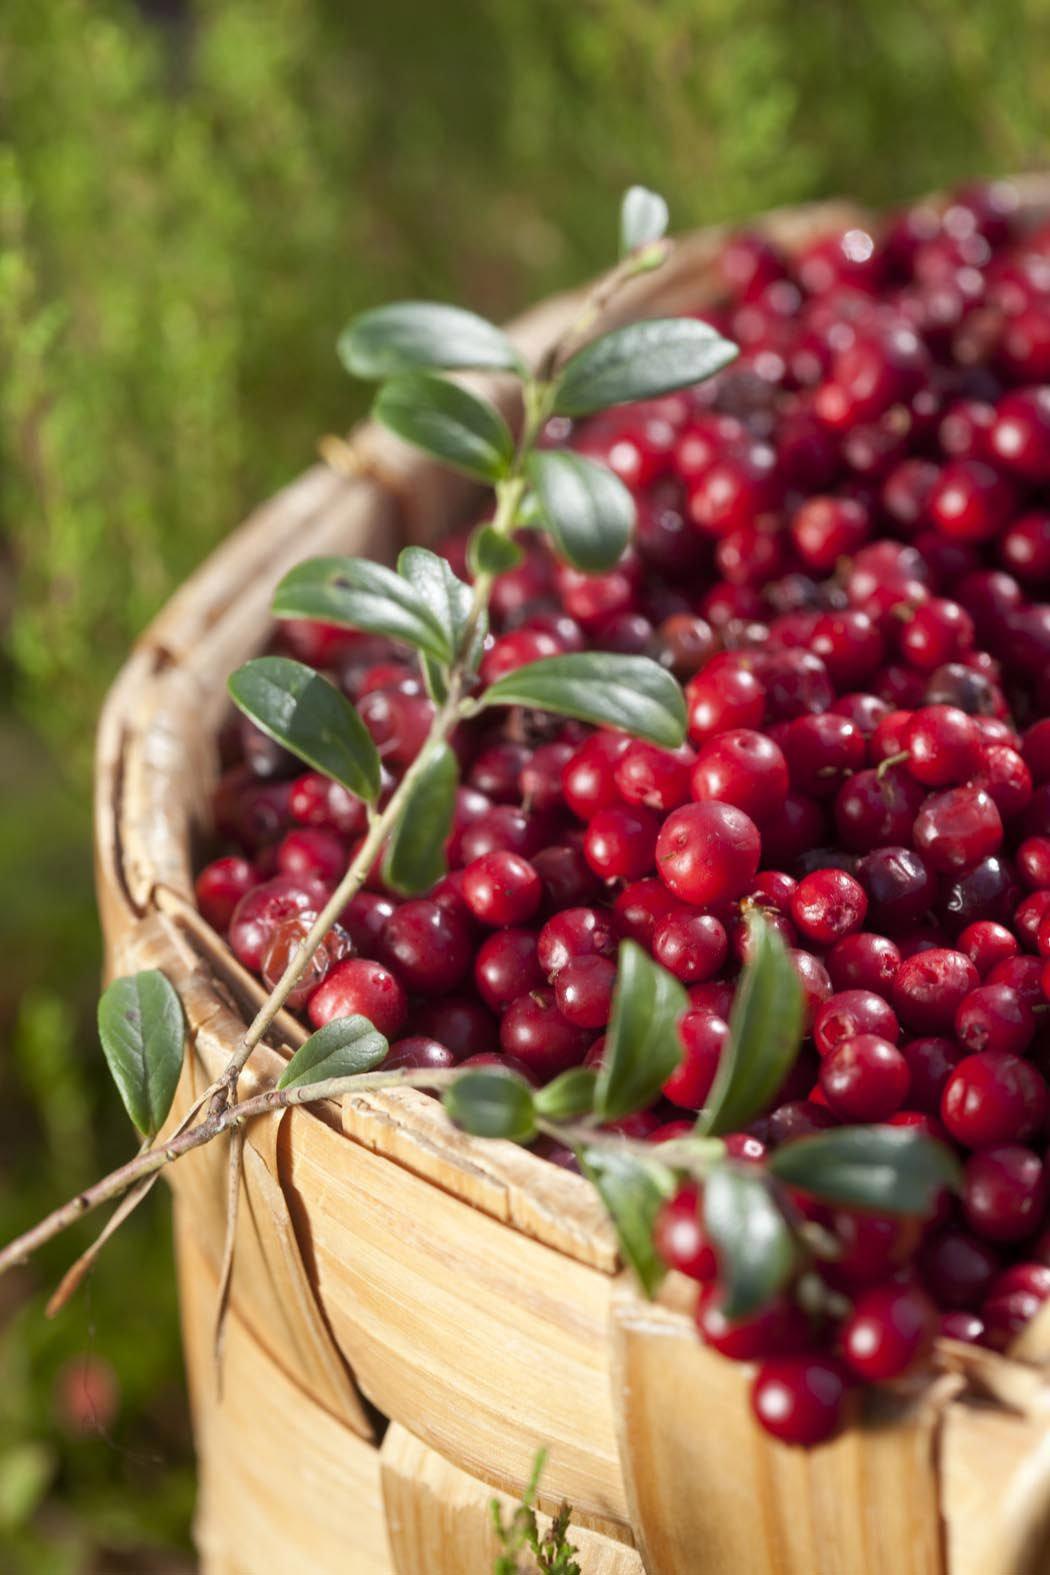 scandinavia Berries